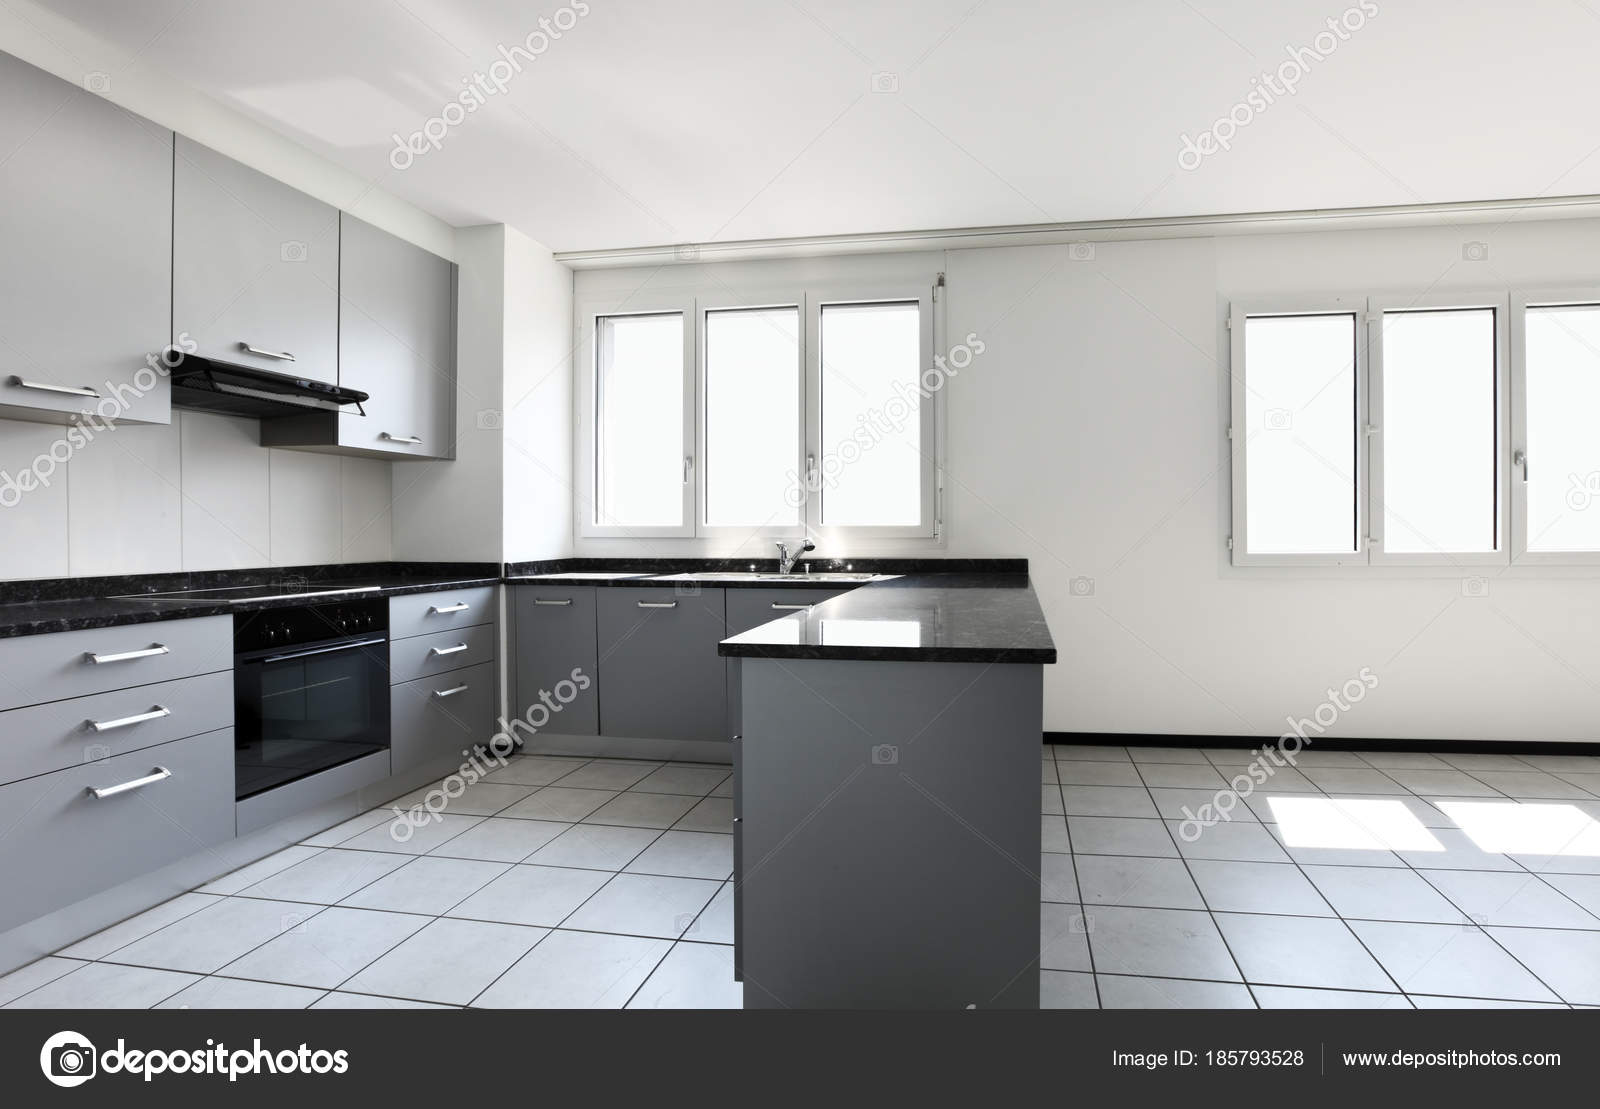 Modern Keuken Schiereiland : Moderne woning met keuken schiereiland u2014 stockfoto © zveiger #185793528